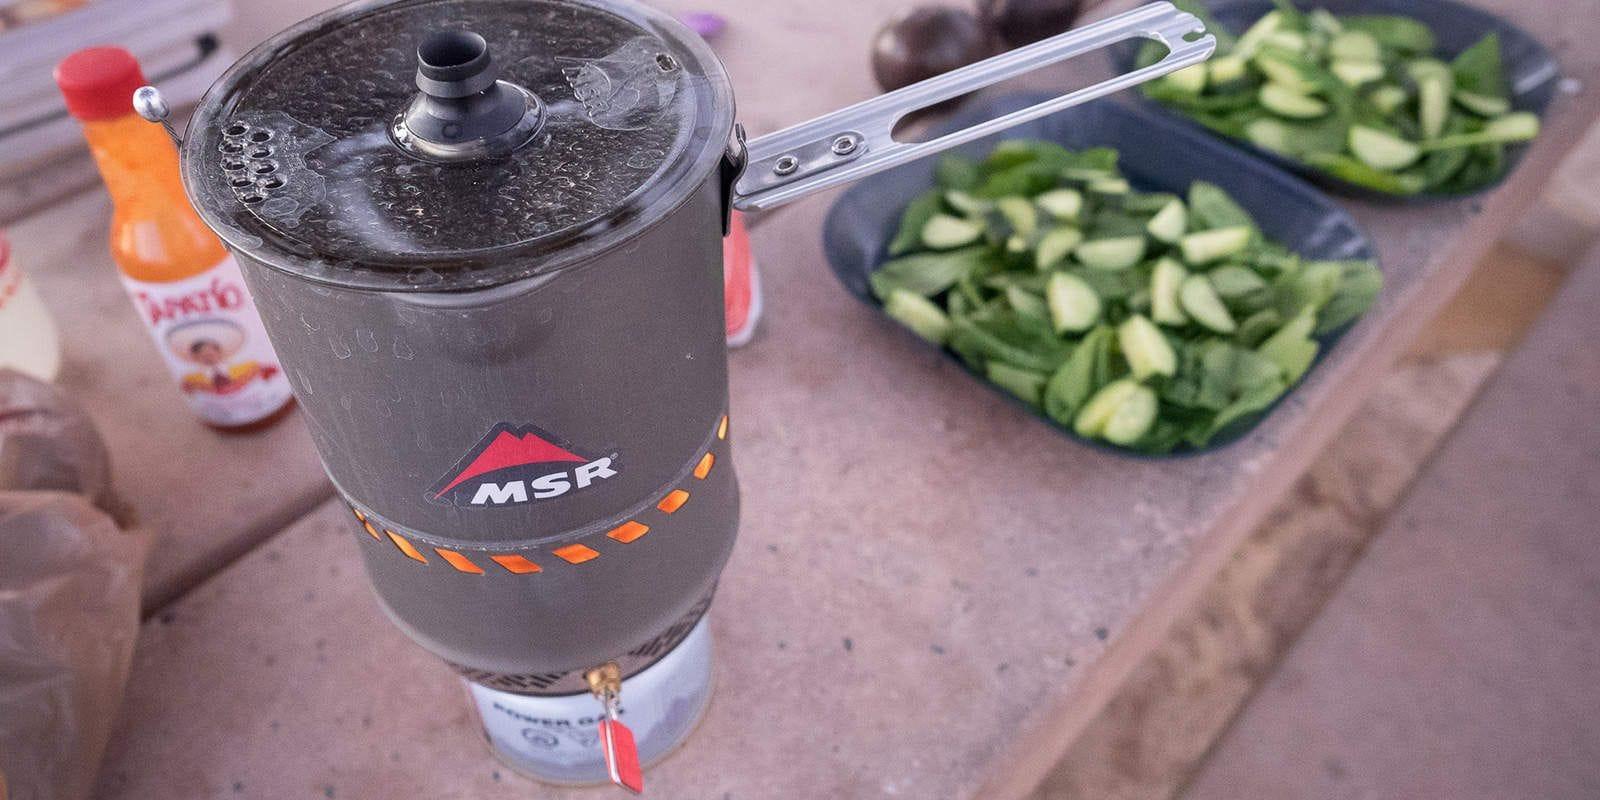 Biolite, Jetboil, MSR, optimus, réchaud. Guide: choisir son réchaud pour le camping